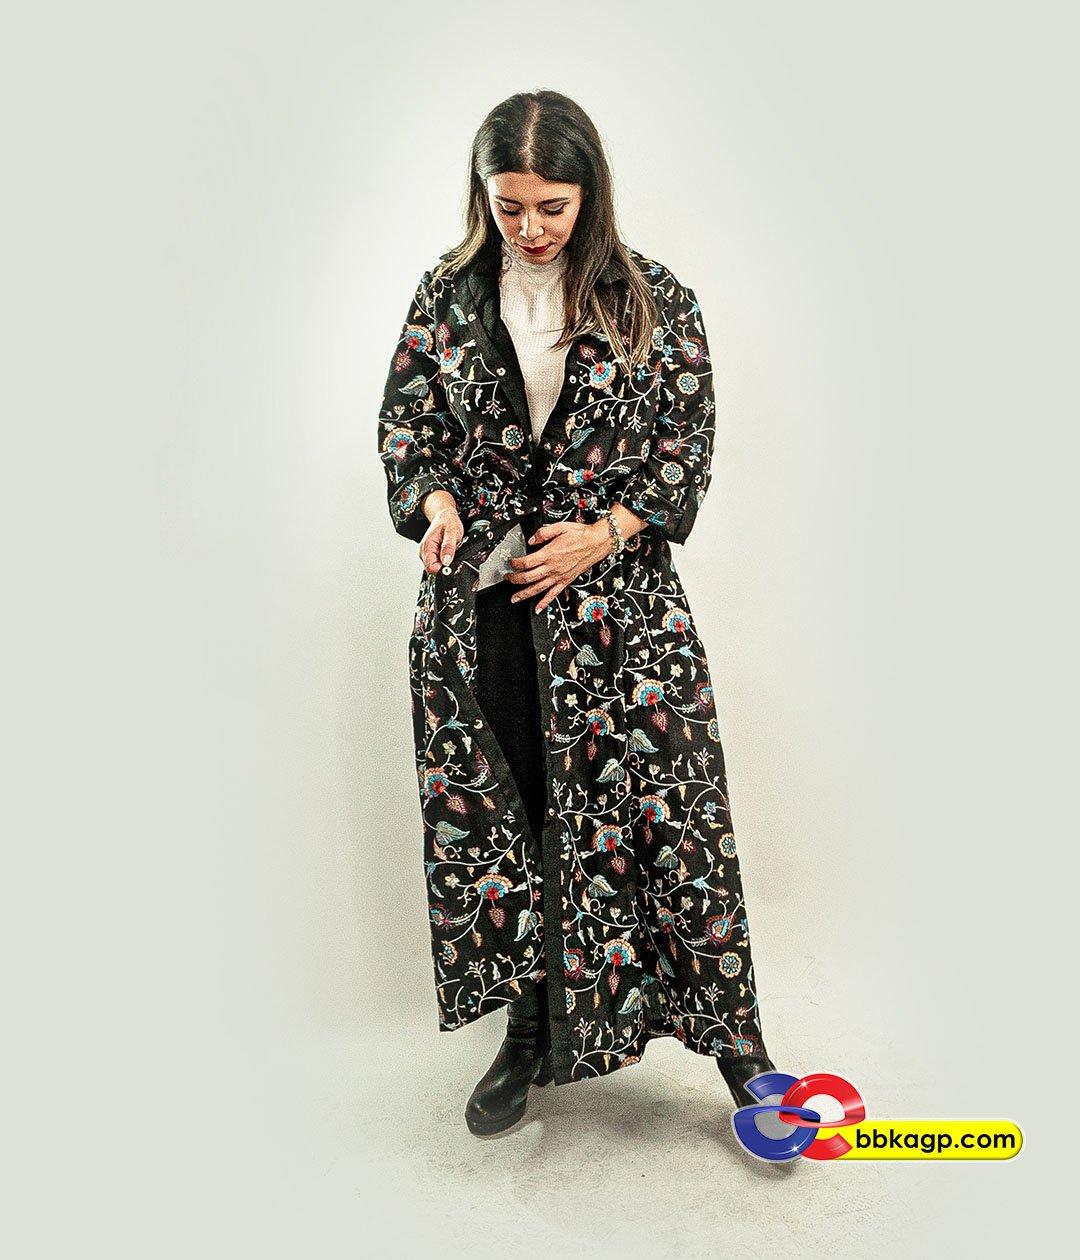 türkiyede moda fotoğrafı (2)